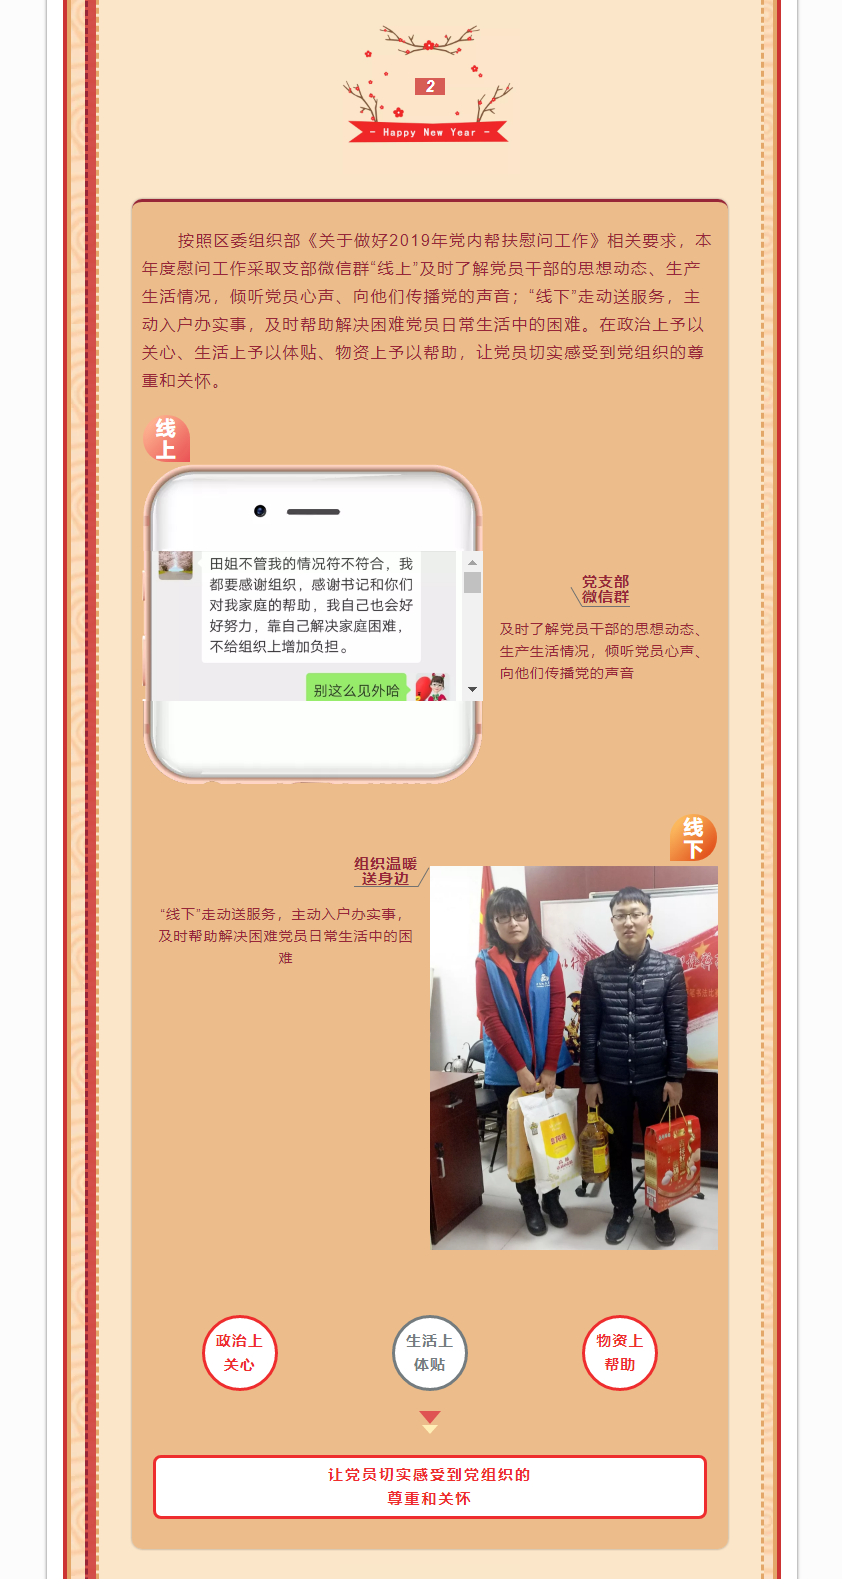 天创工作站2:情系非公困难党员 线上线下真情关怀.png